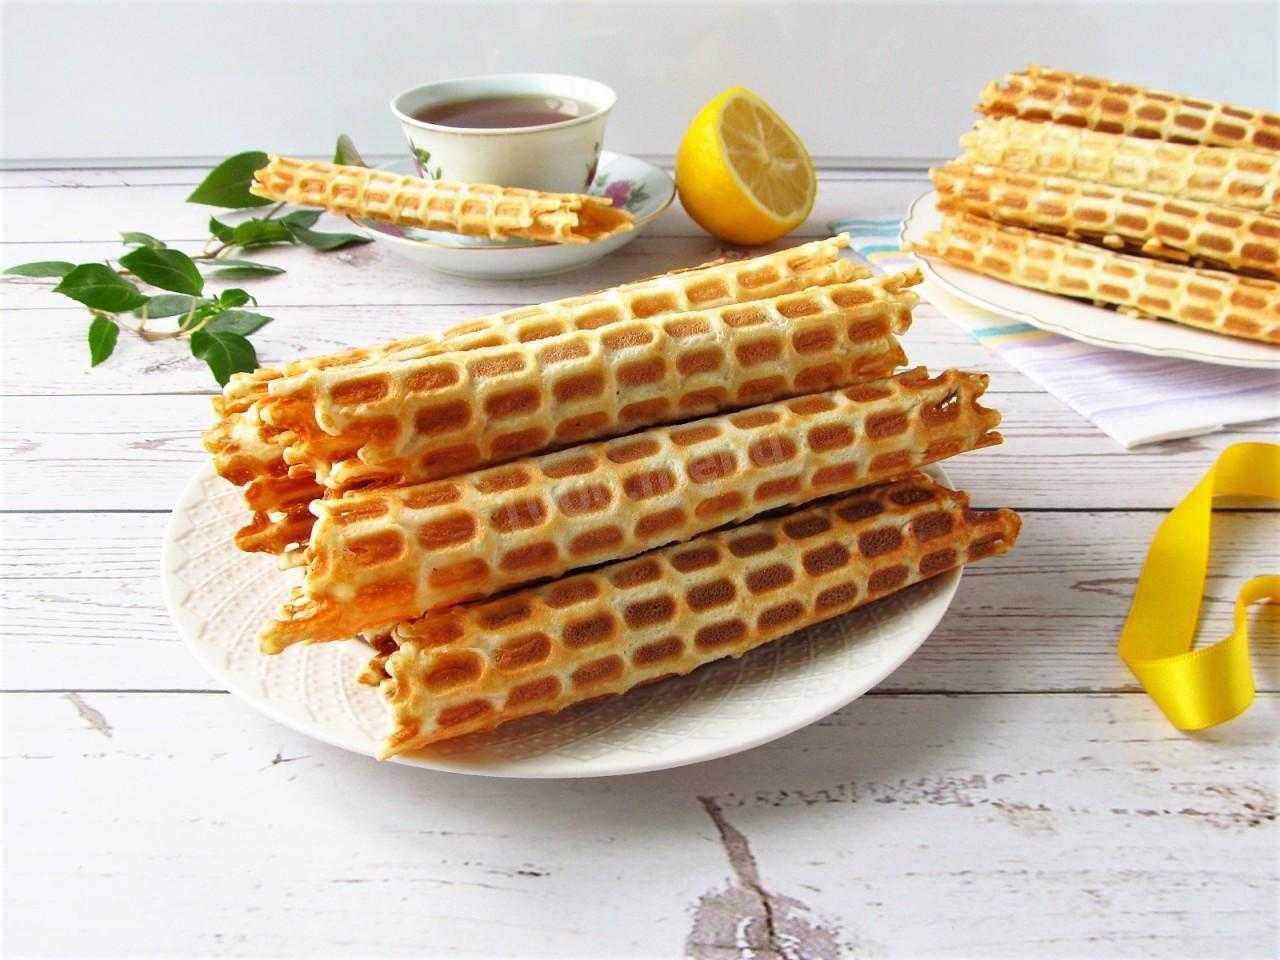 Классические вафли могут стать отличным дополнением к чаю или кофе на завтрак, а также в качестве десерта во время остальных приемов пищи